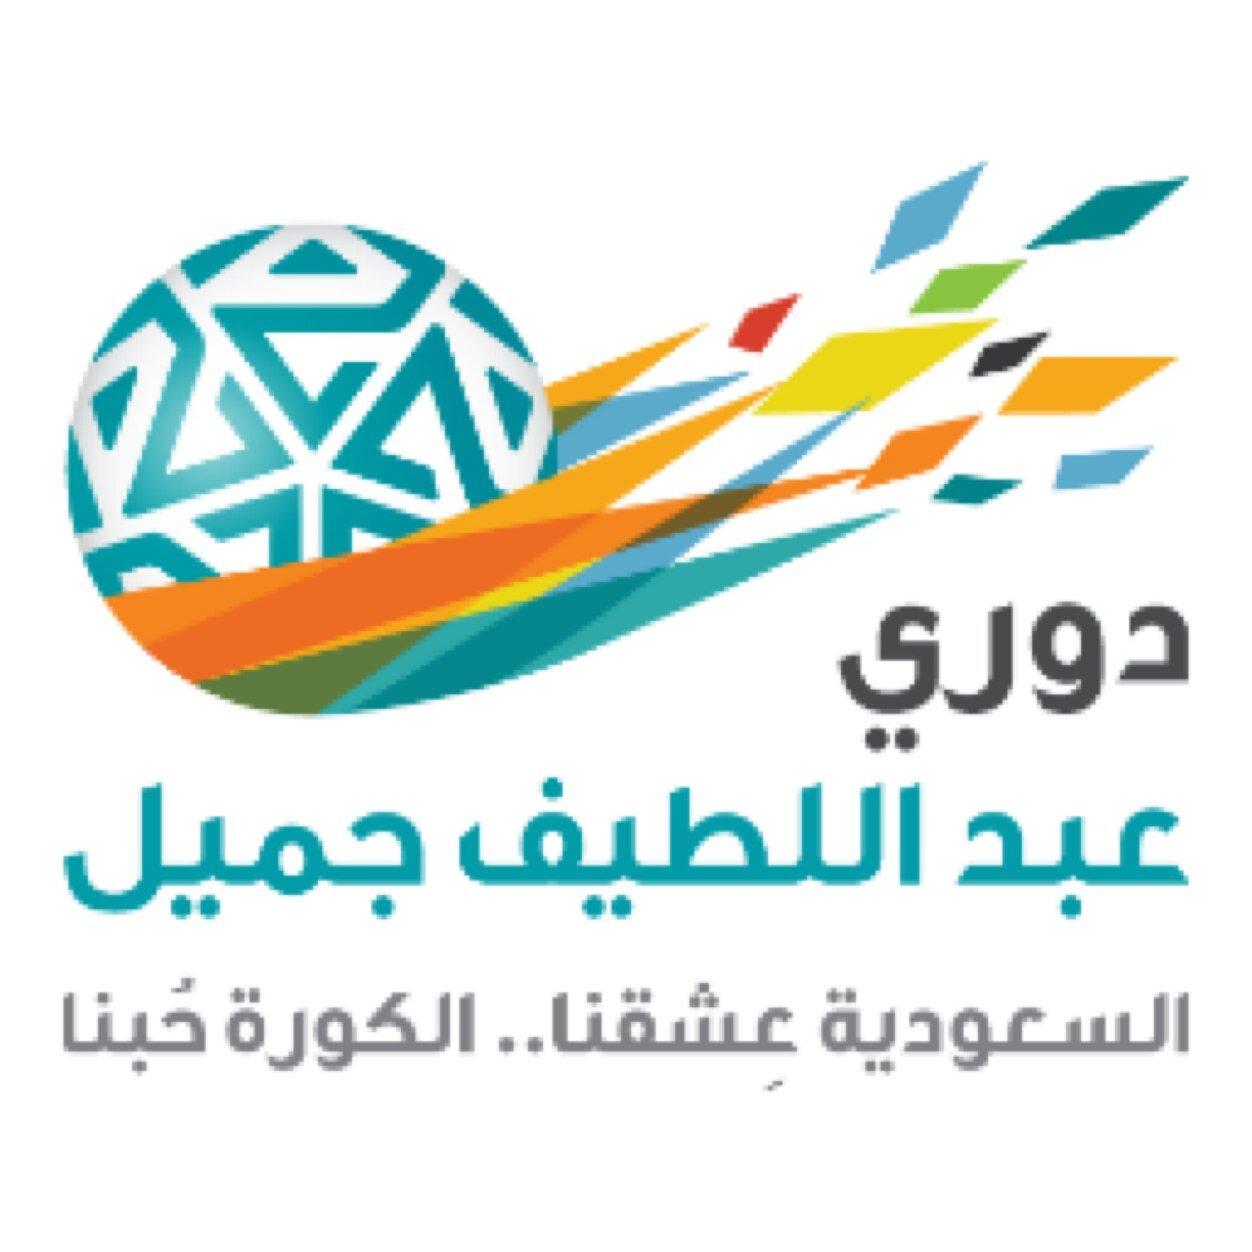 الأهلي يعزز صدارته ويطيح بهجر من الدوري السعودي